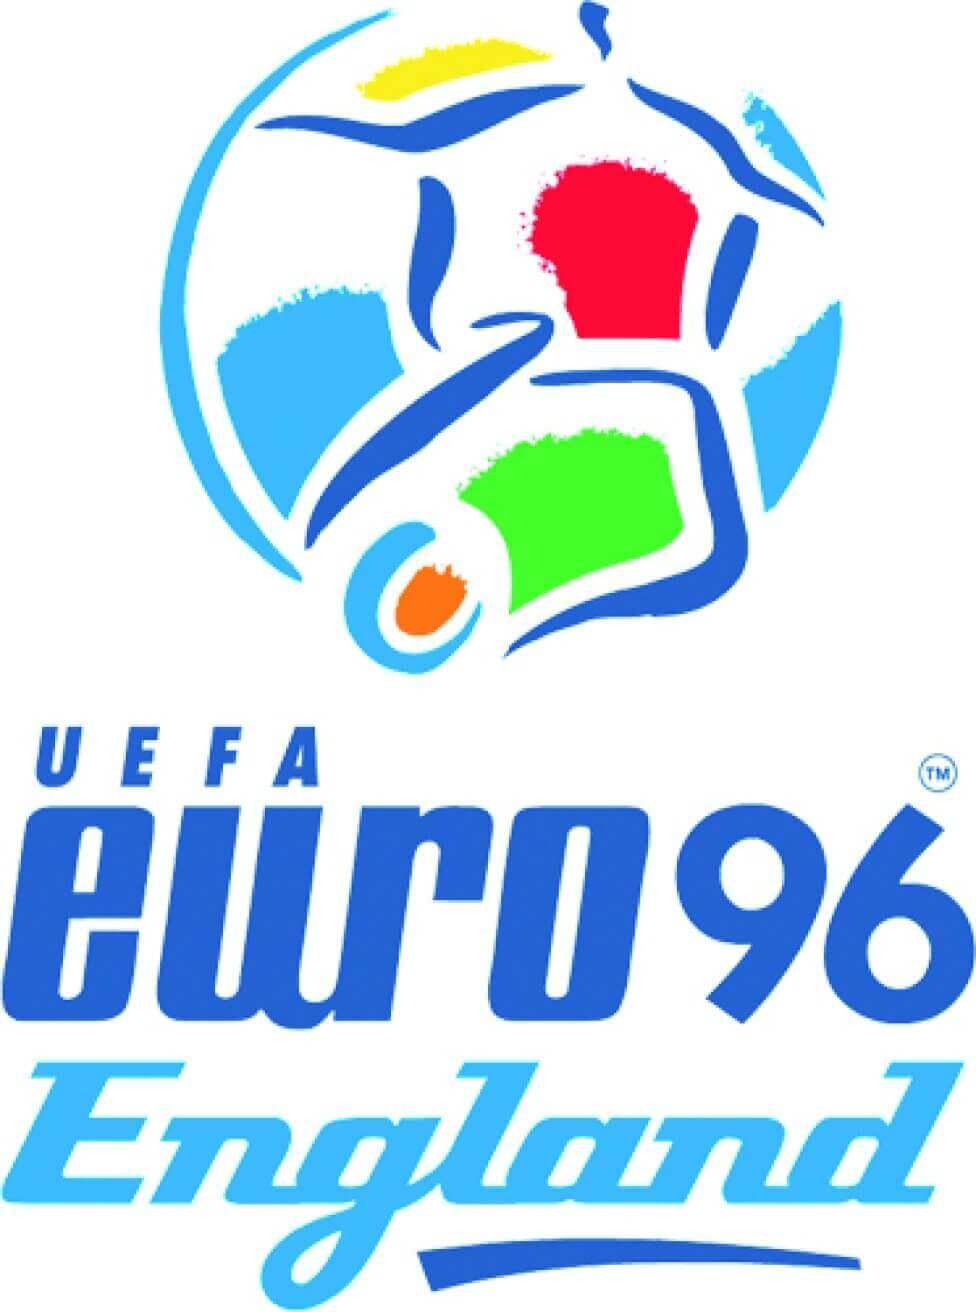 logo euro 1996